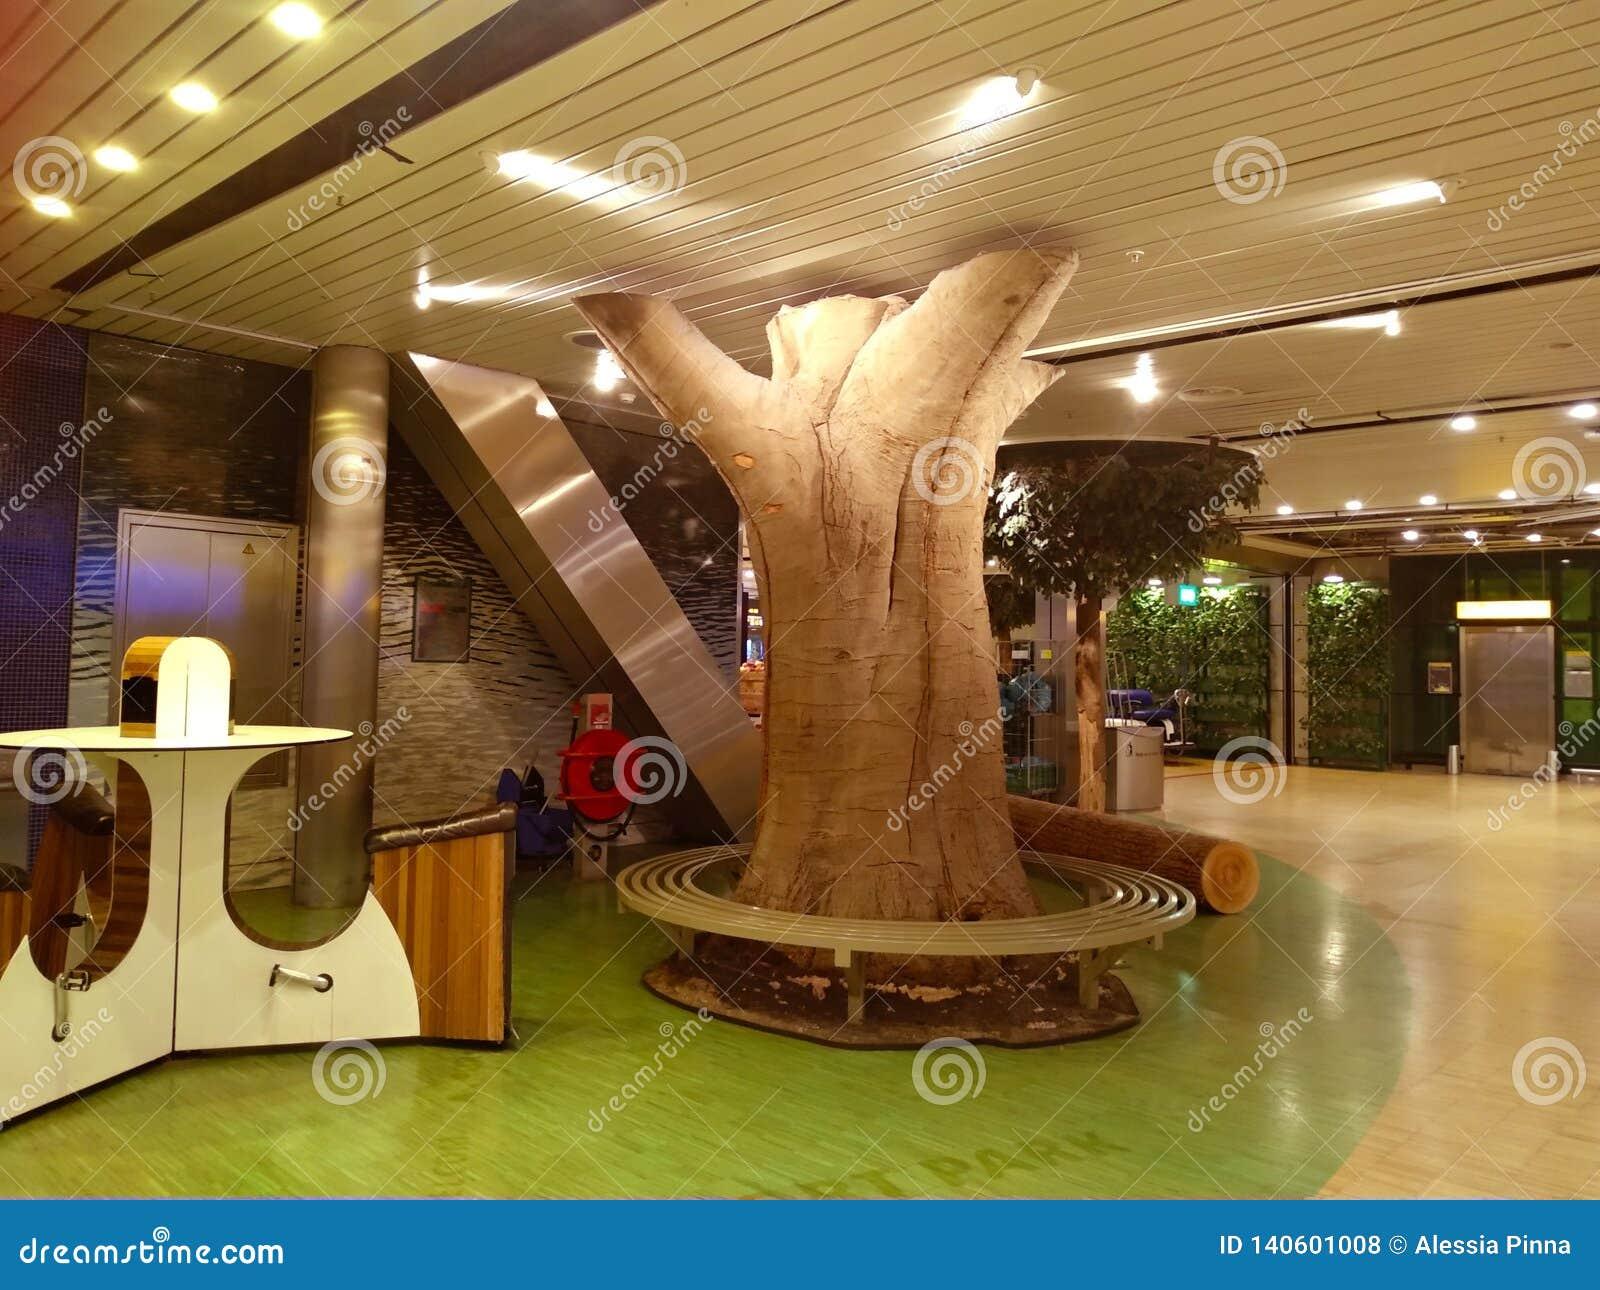 Avkopplingområde som vilar inom den shipholamsterdam flygplatsen dekoren återkallar och inspireras av skogen, skogen och pur